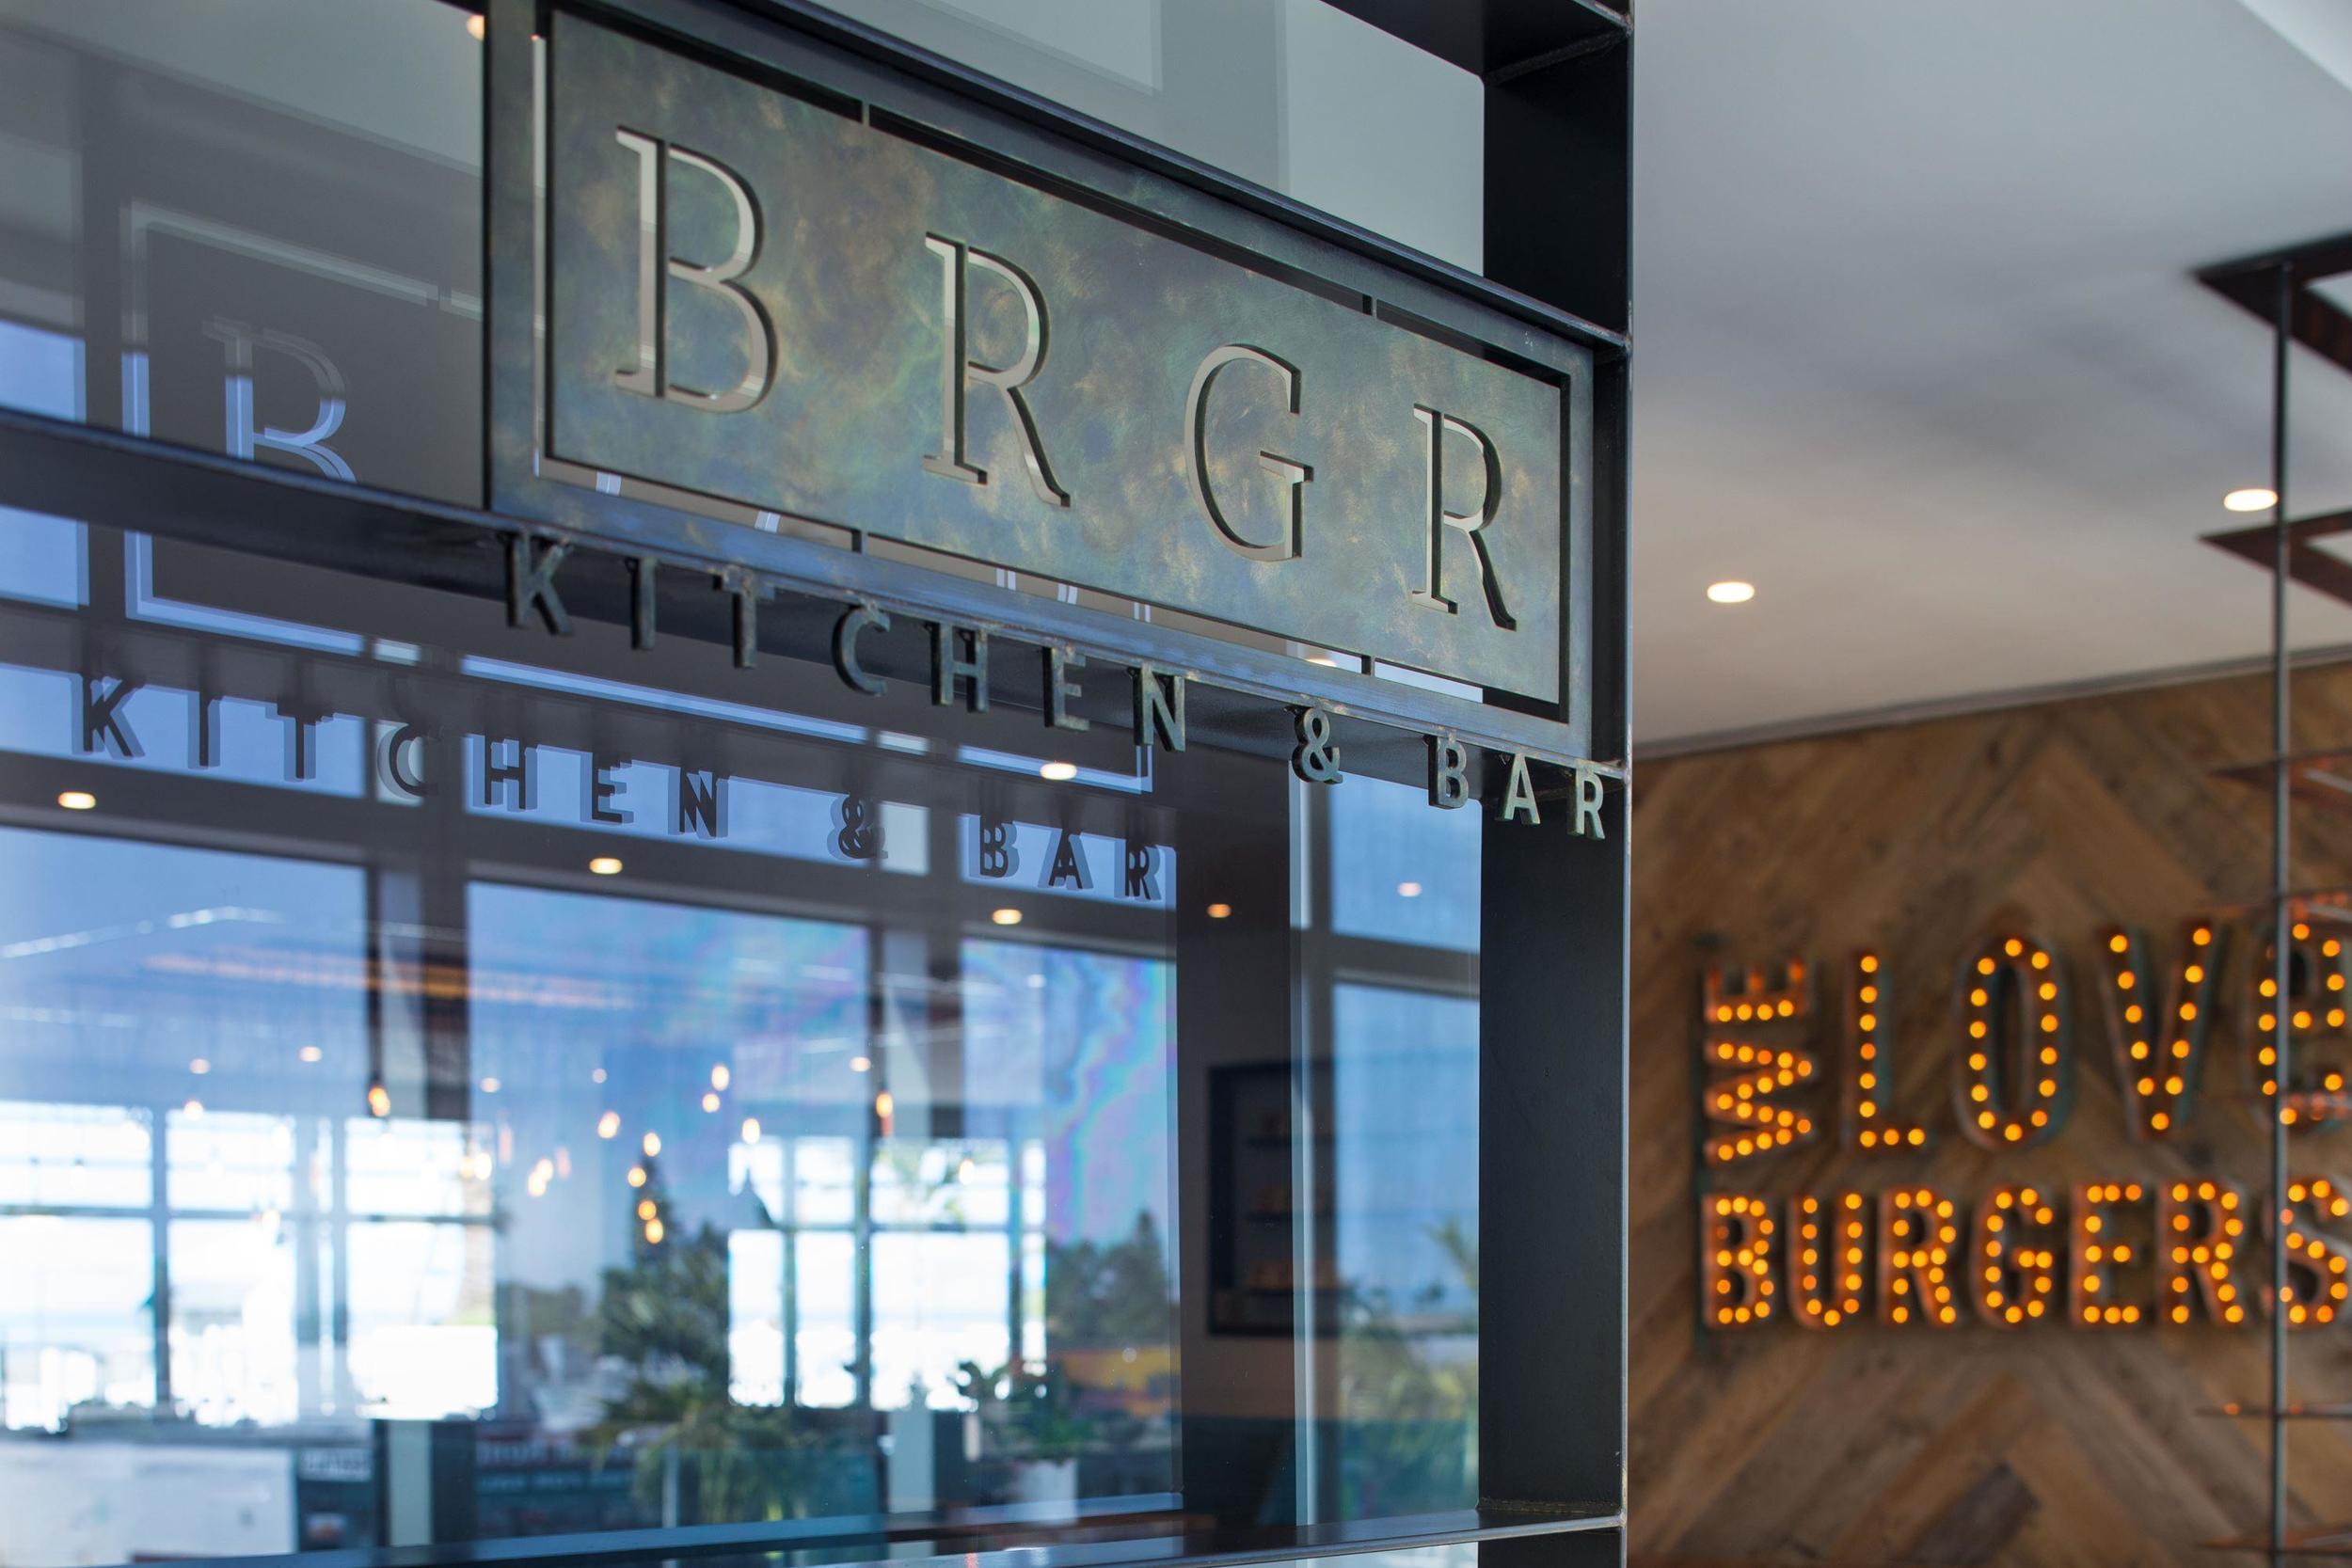 BRGR_Restaurant_Sign_574896_high.jpg